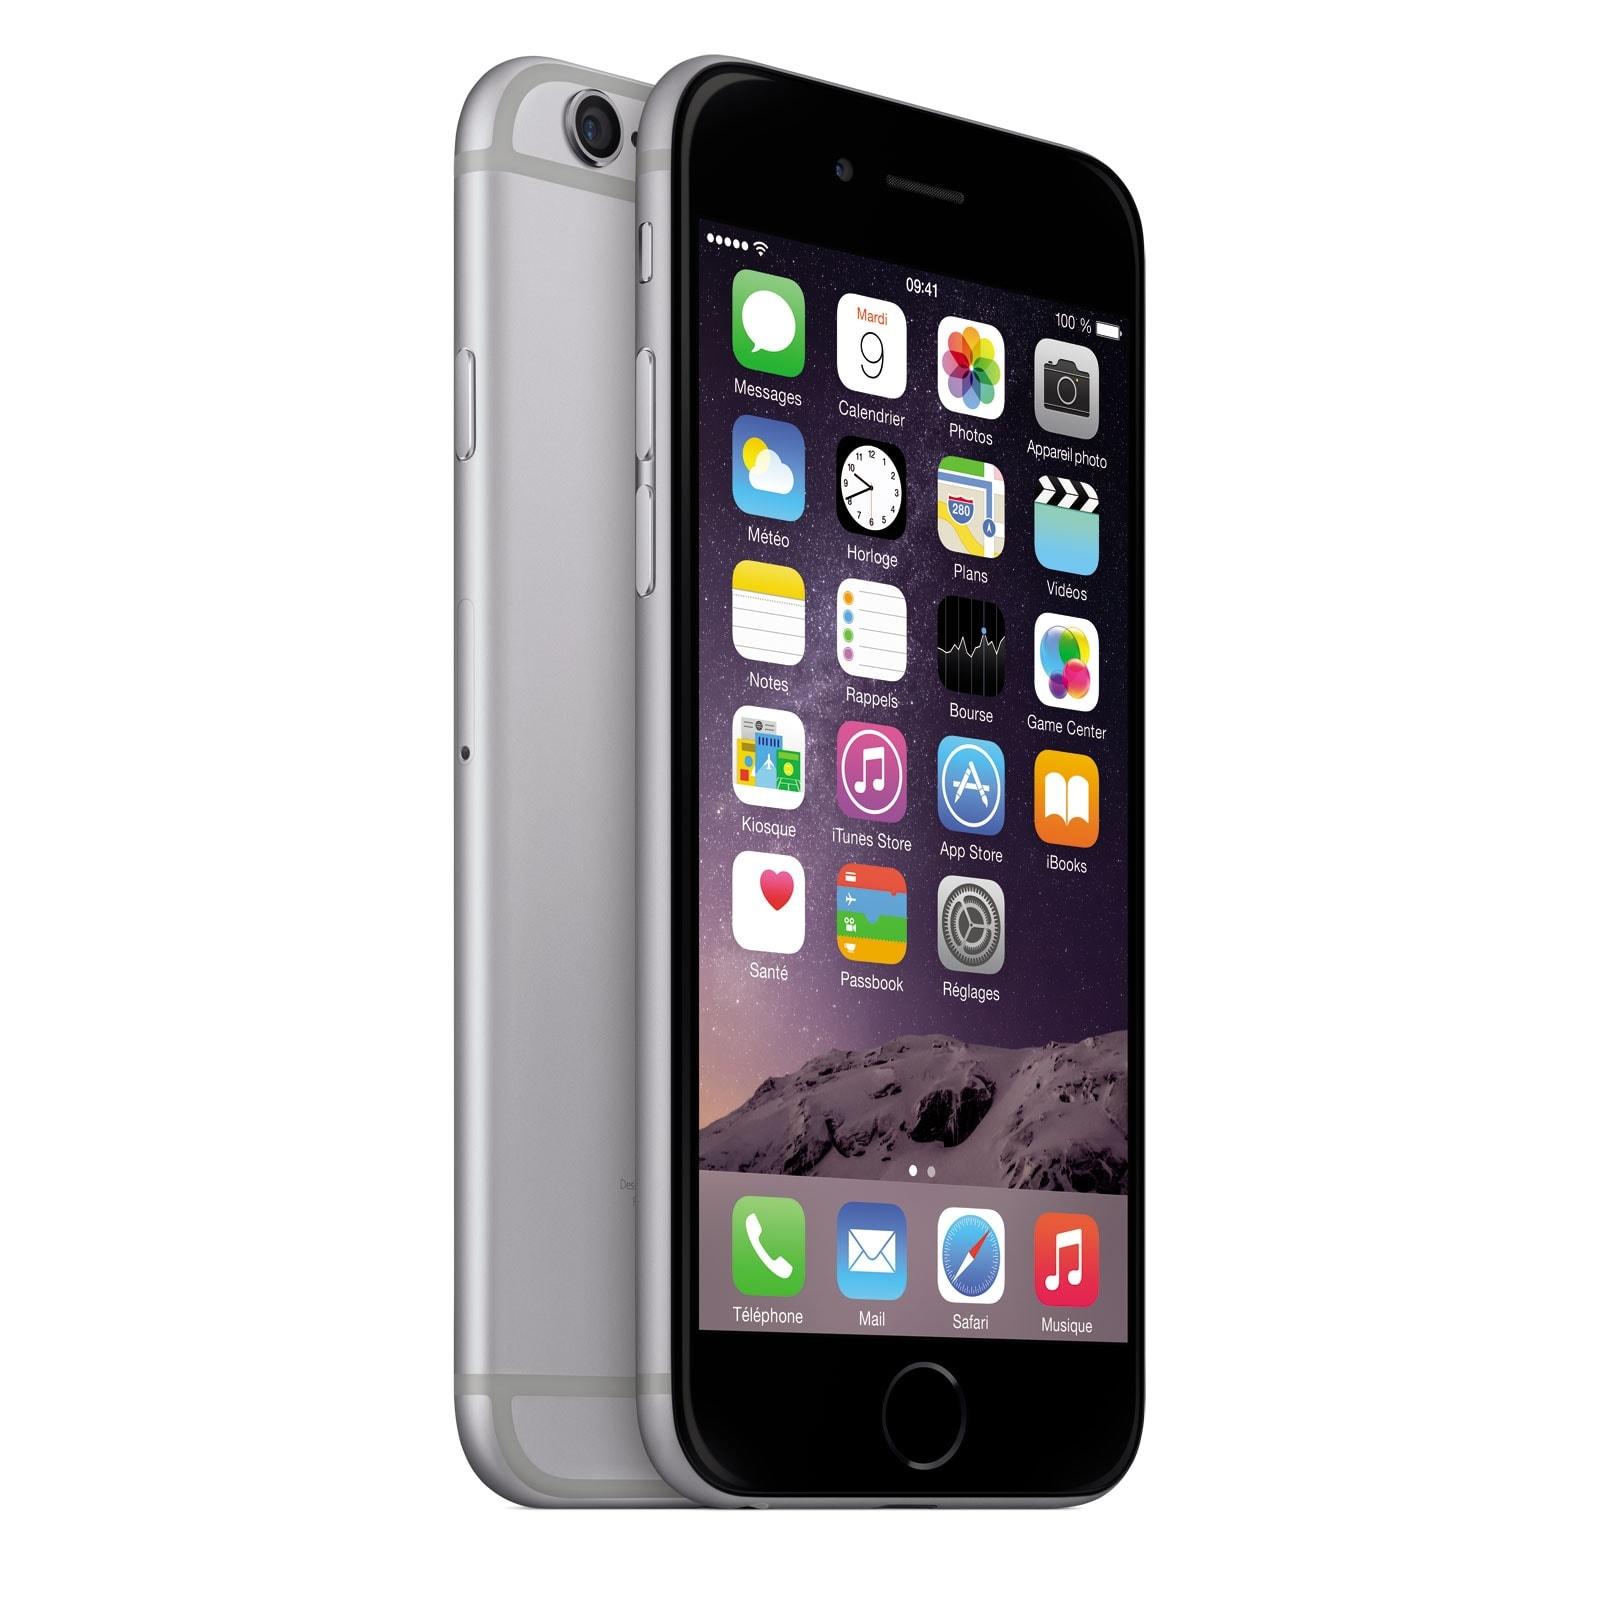 Apple iPhone 6 16Go Gris Sidéral (MG472ZD/A) - Achat / Vente Téléphonie sur Cybertek.fr - 0